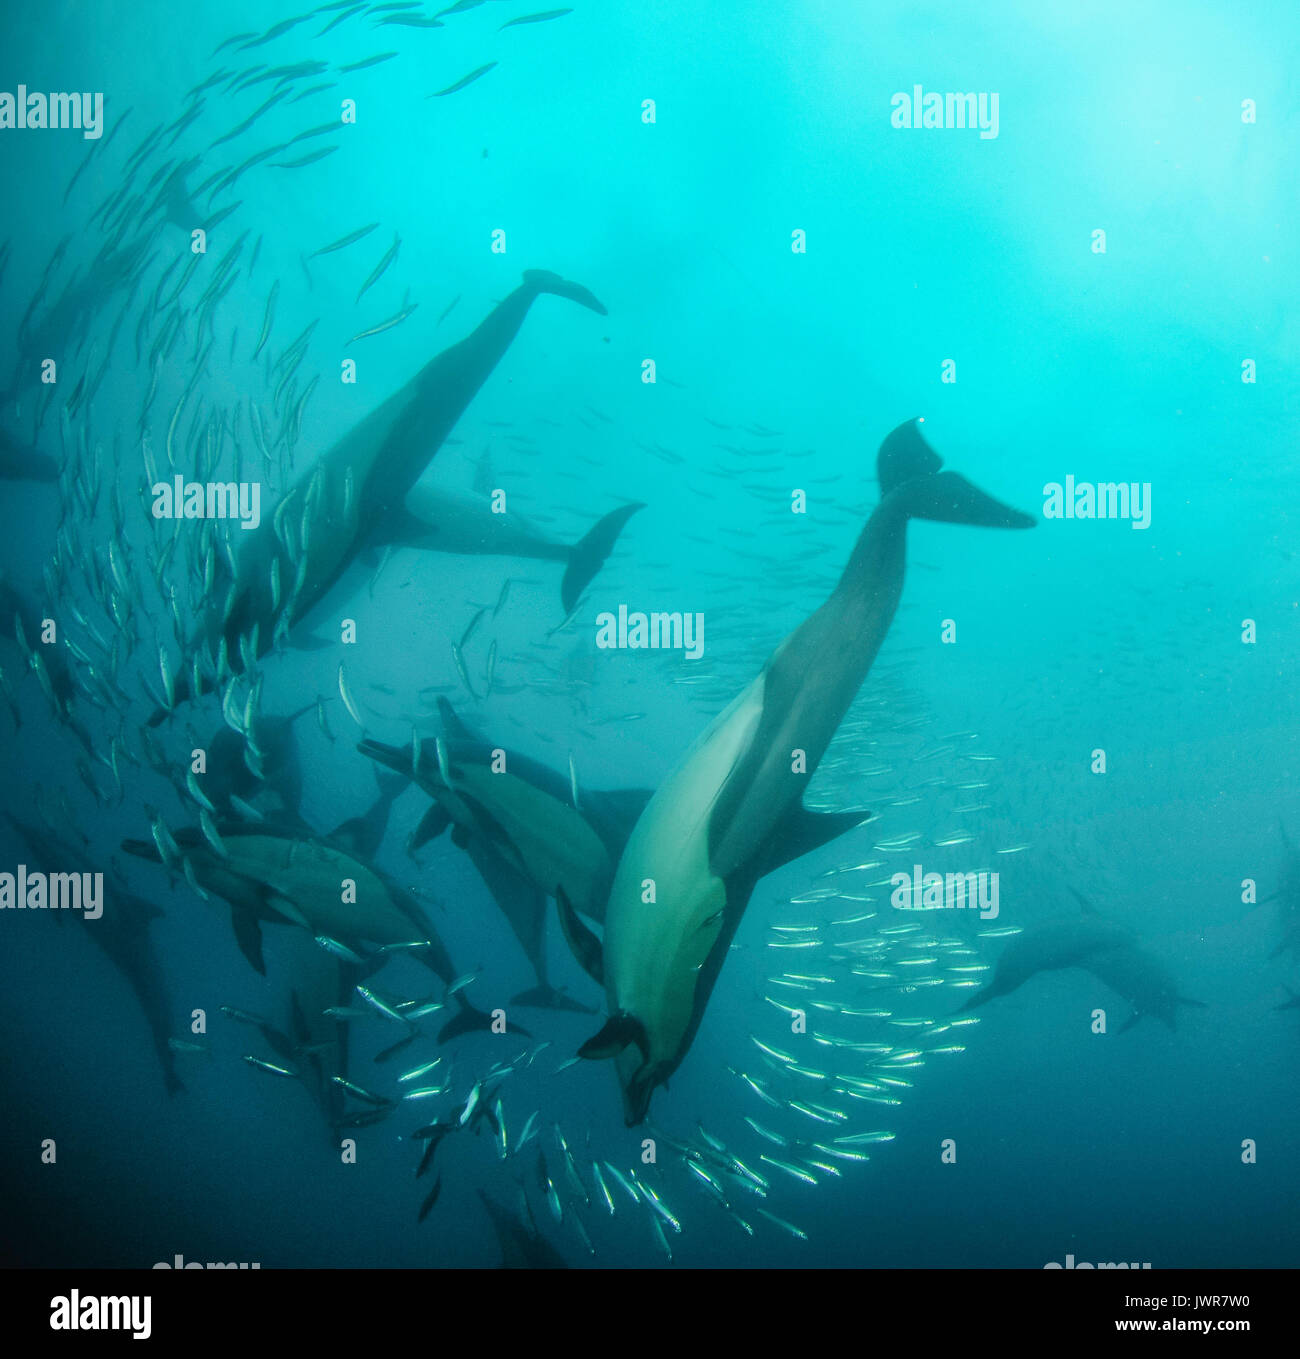 Pod der Gemeine Delfine füttern Sardinen während der jährlichen Sardine Run an der Ostküste von Südafrika. Stockbild